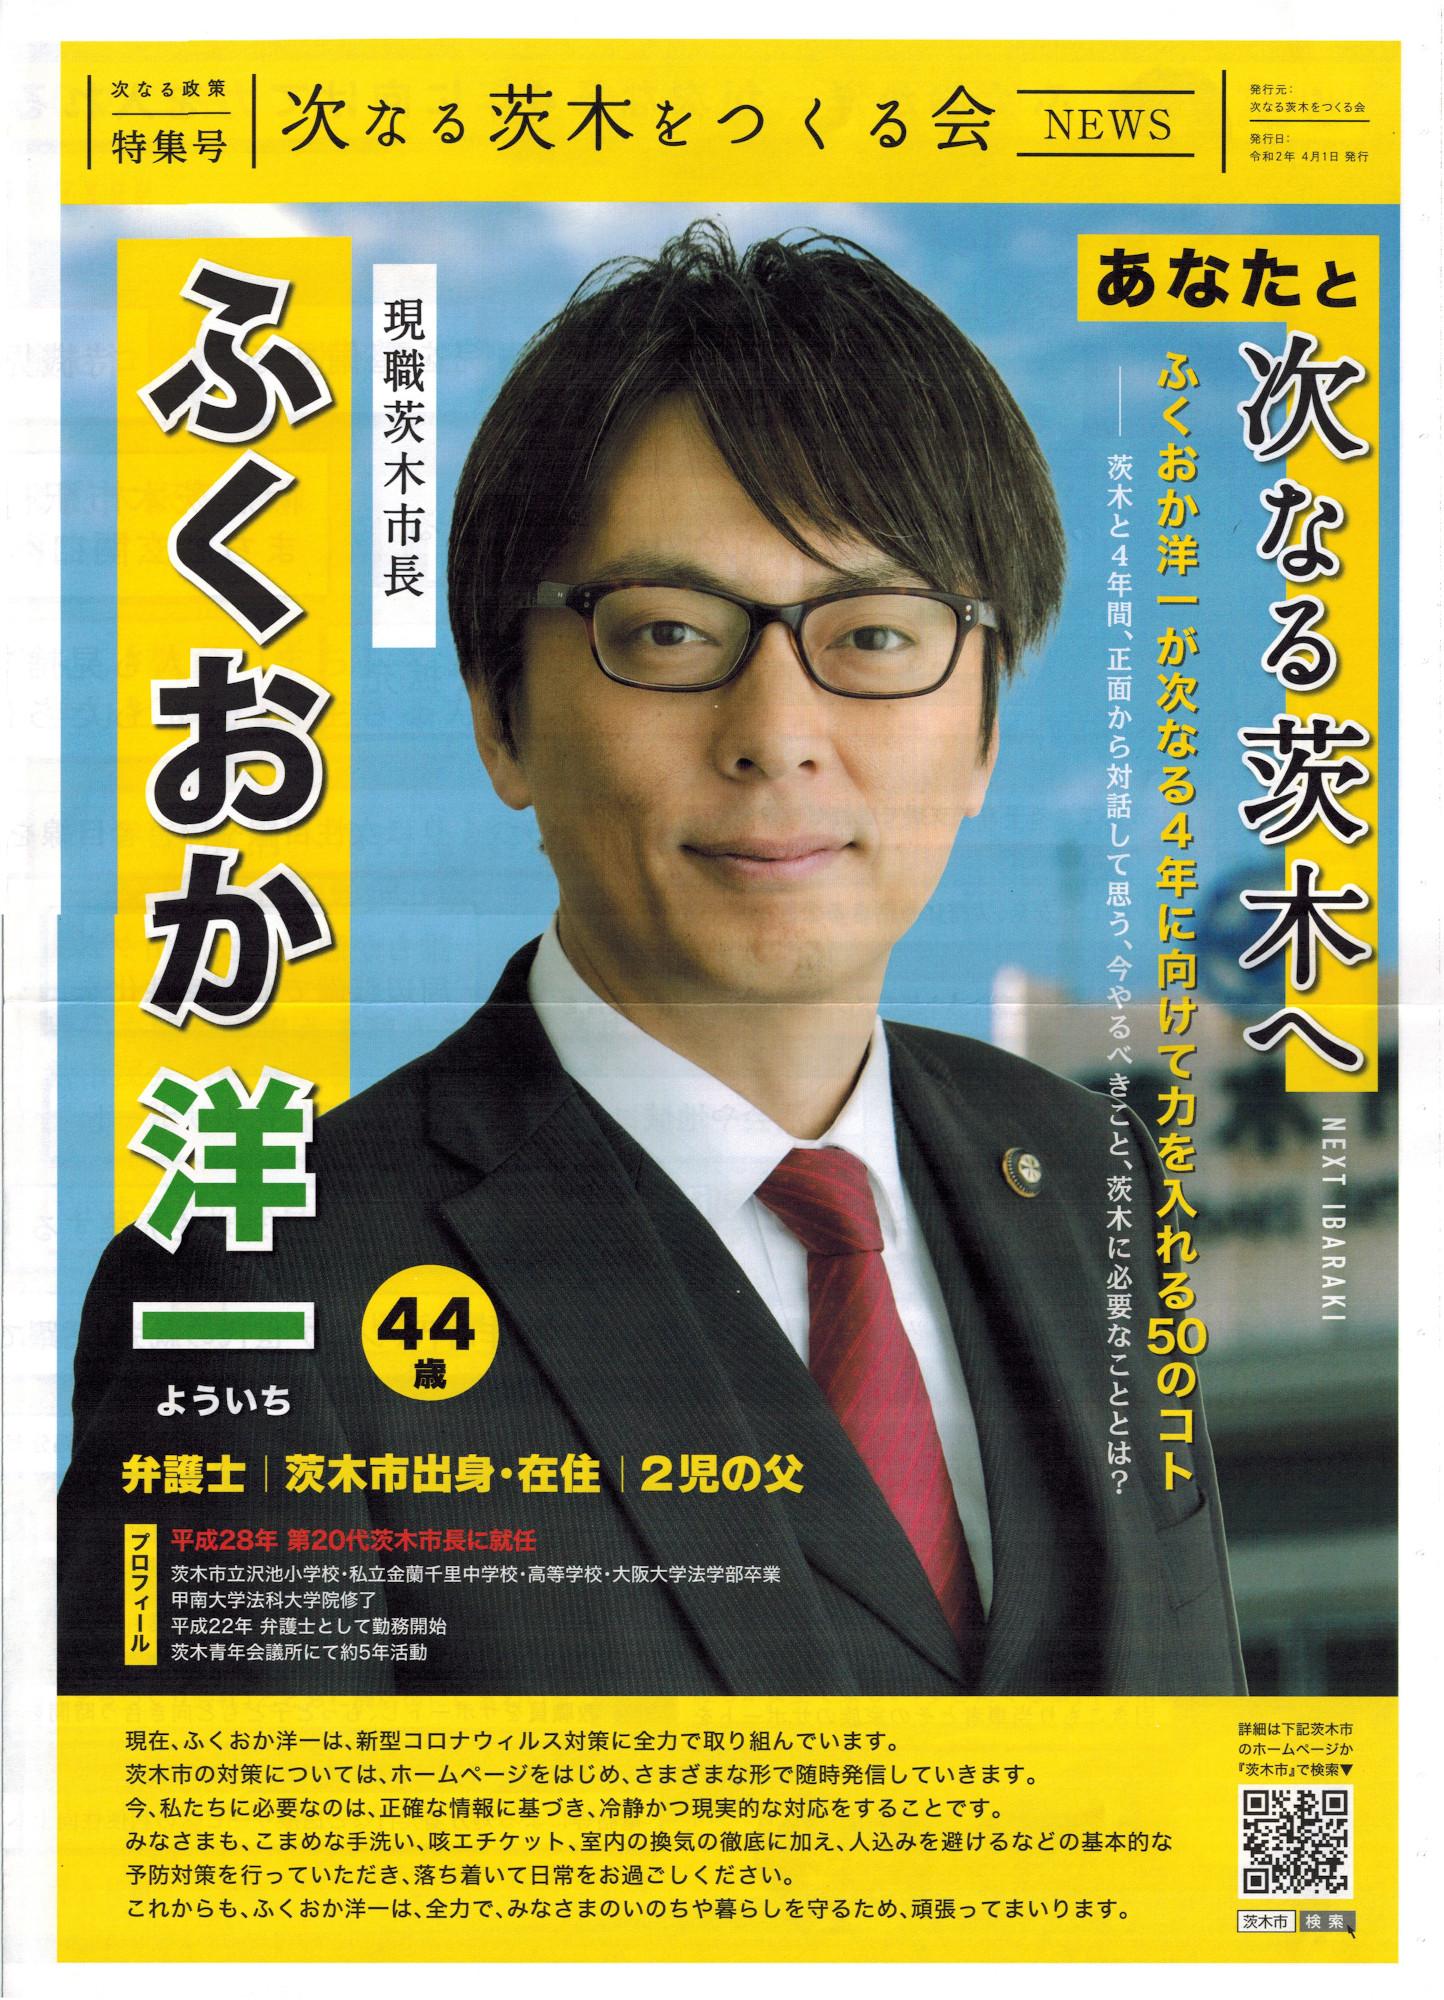 2020年4月次なる茨木福岡洋一1